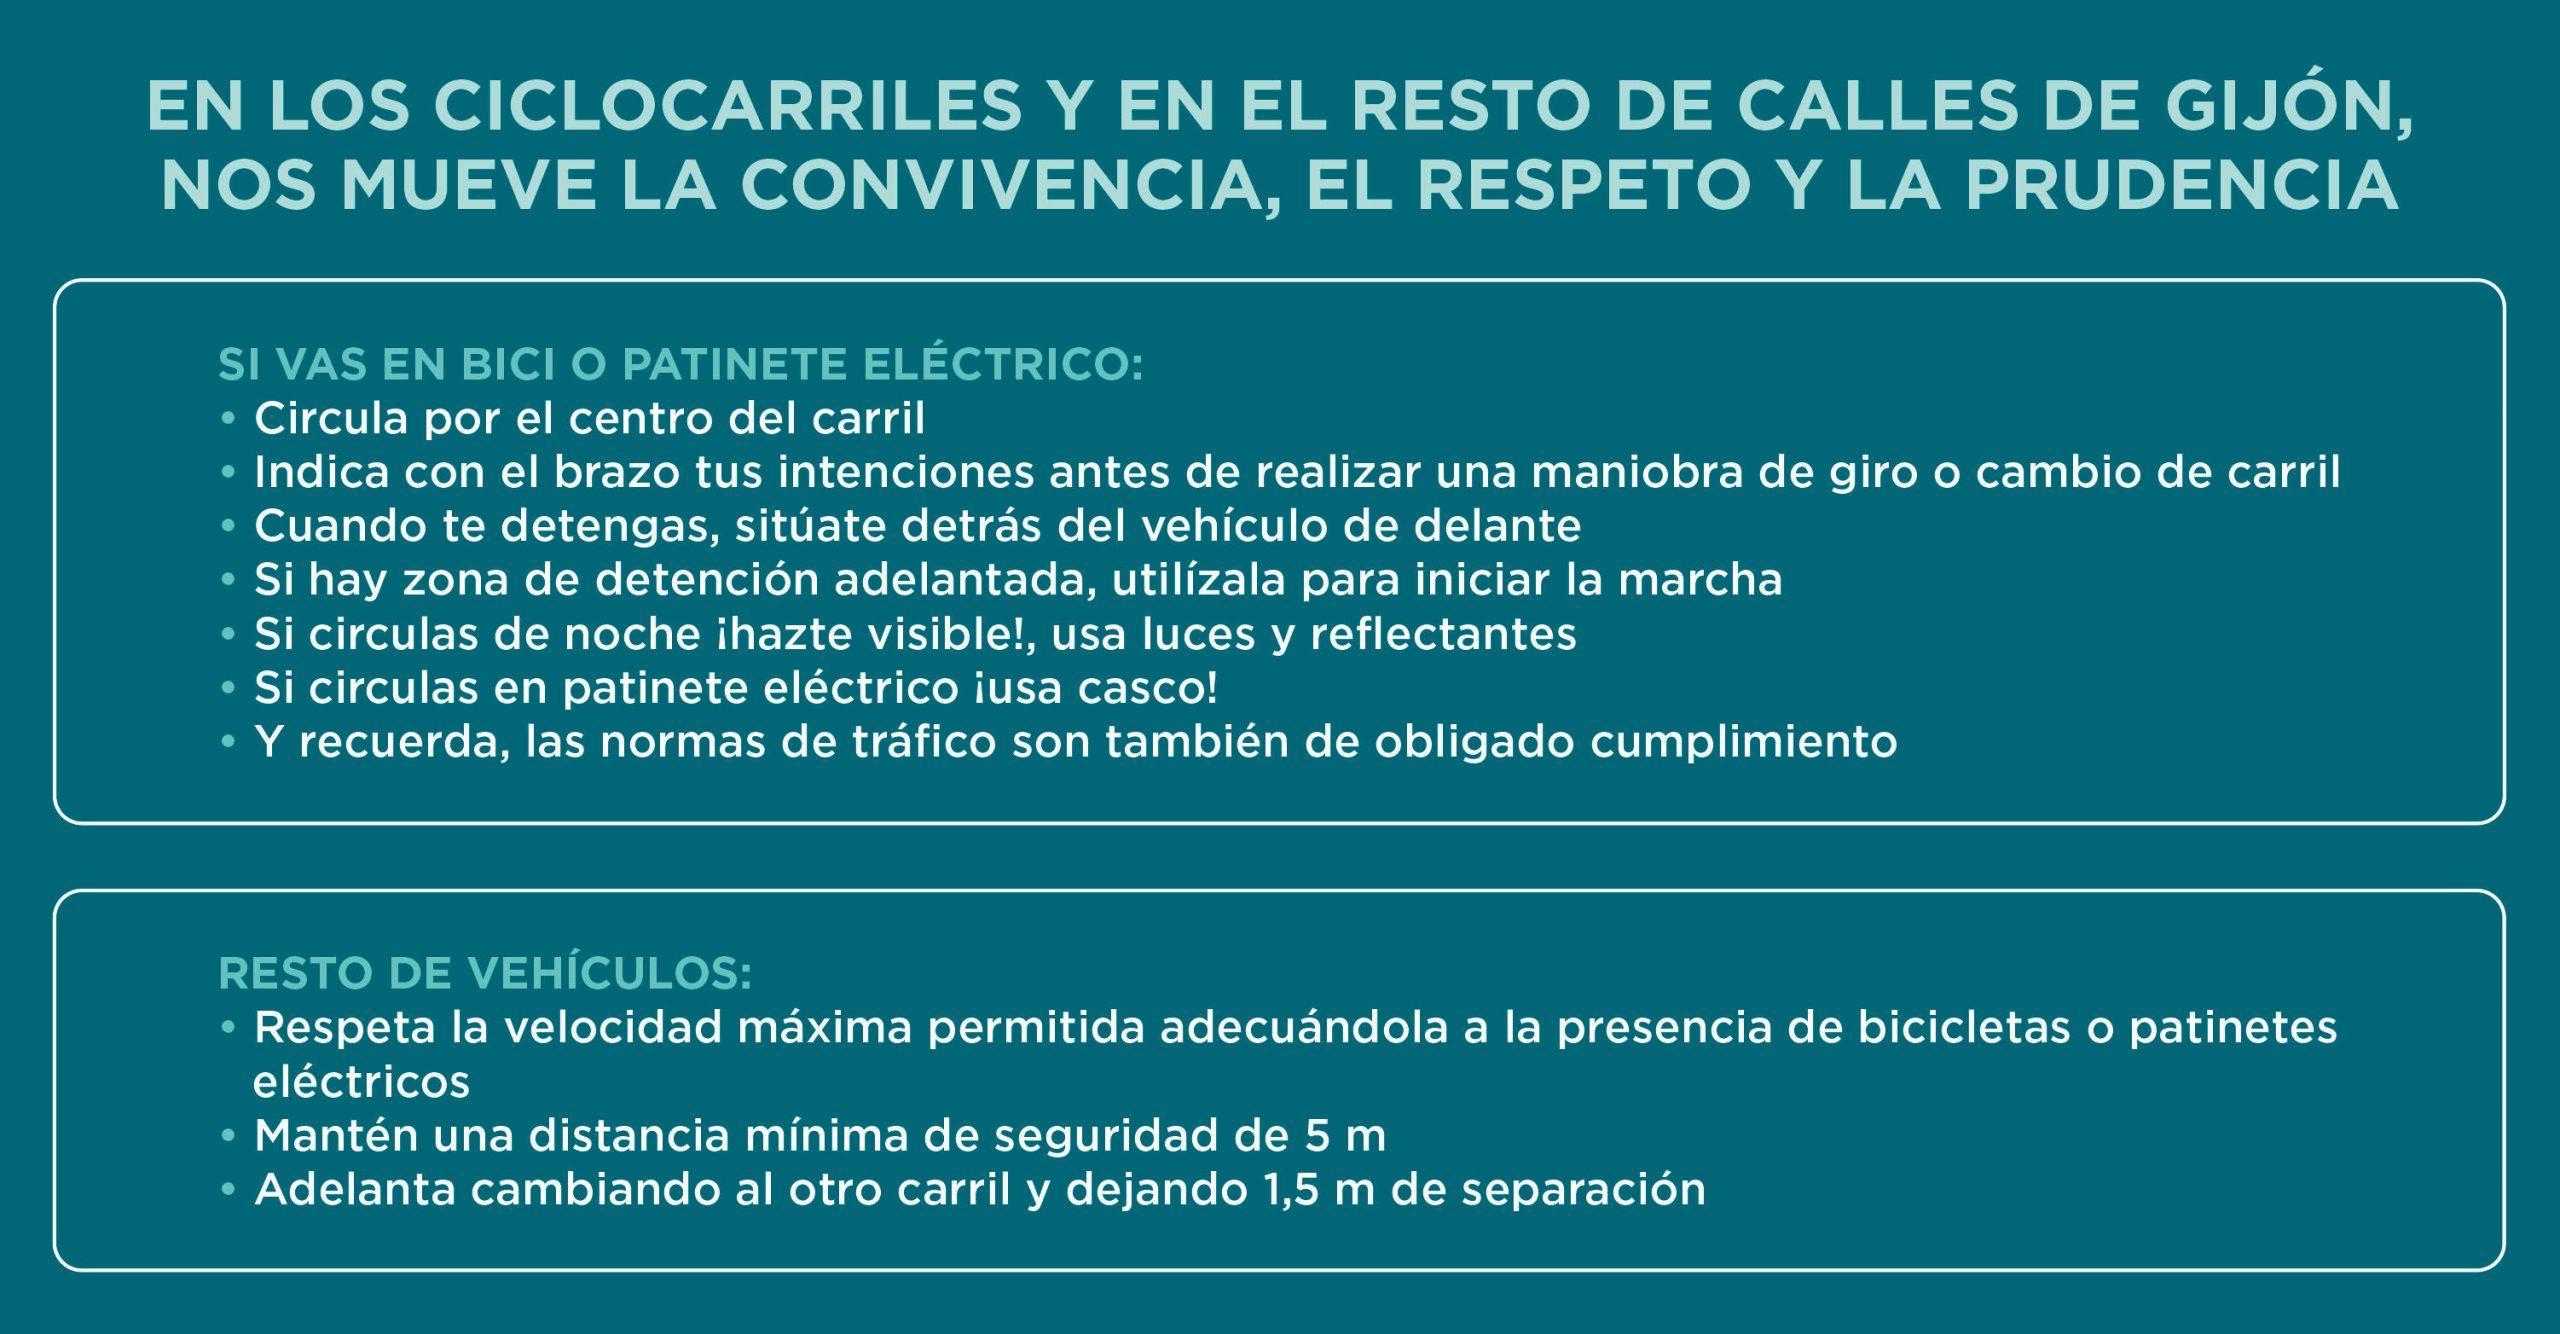 Consejos campaña 'Muévete por el ciclocarril' - 30 Días en Bici Gijón